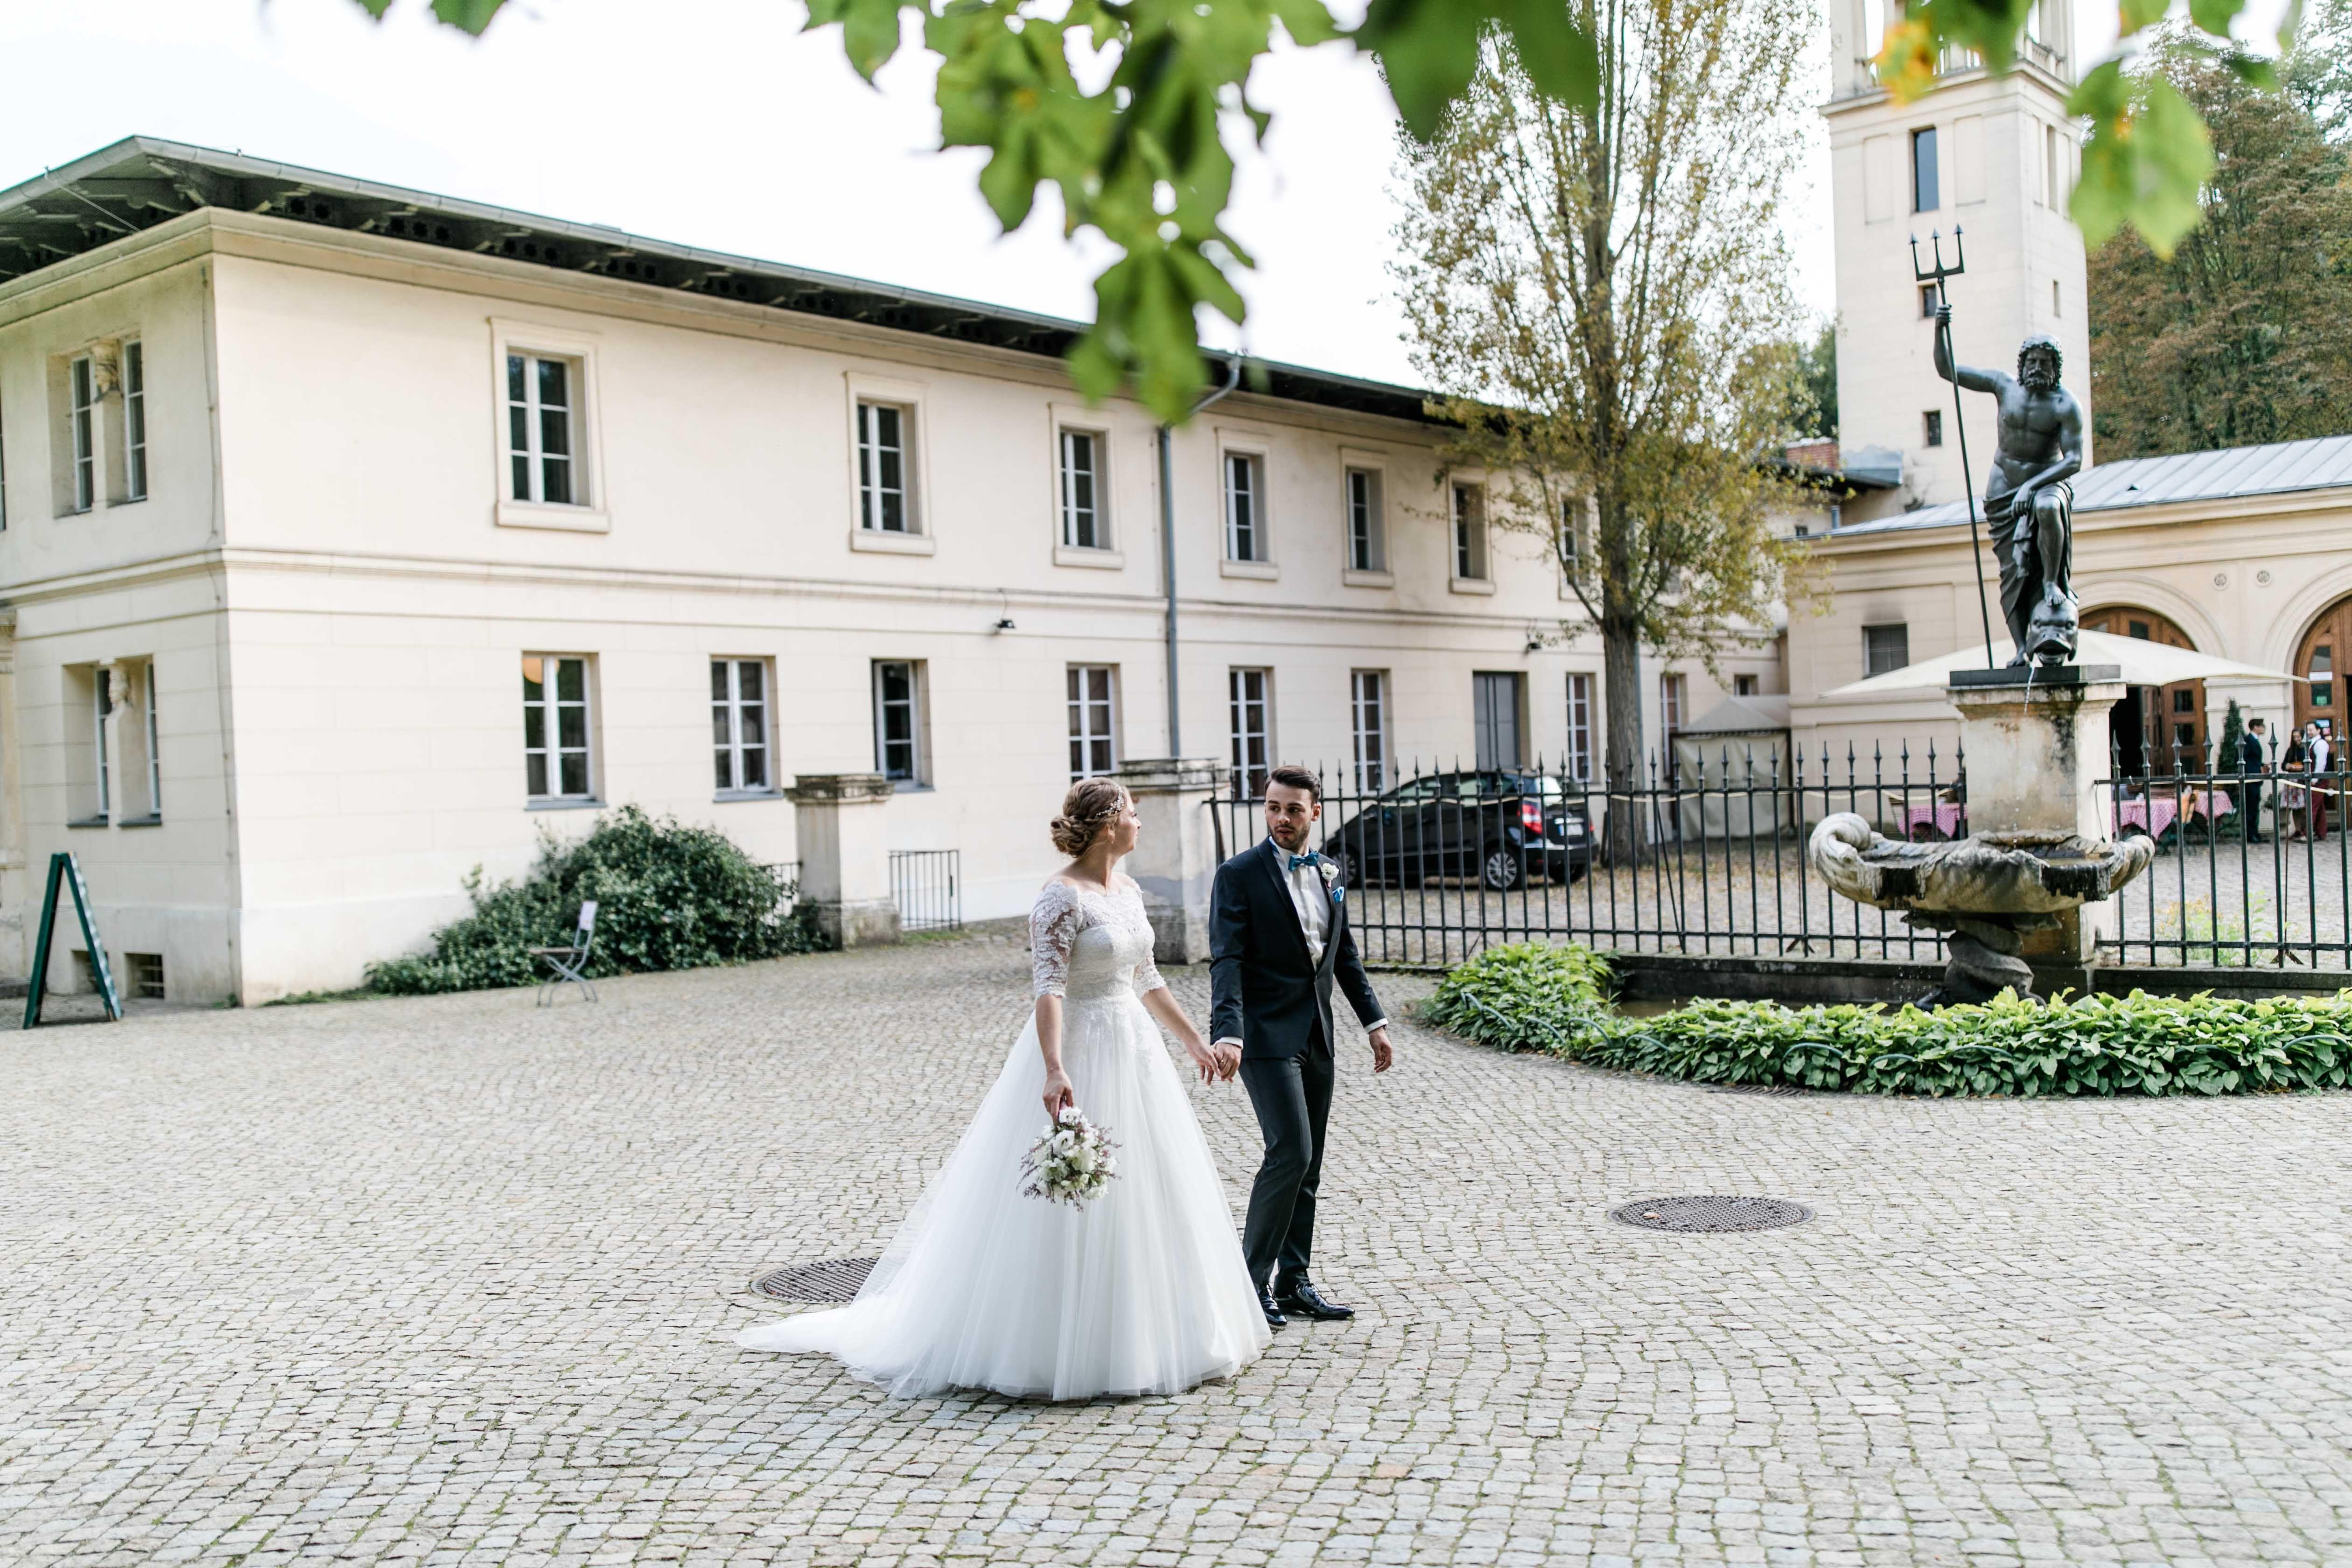 Hochzeit Schloss Schloss Glienicke Hochzeit Potsdam Brautpaarshooting Brautkleid Lace Spitze Brautstrauss Hochzeitsdekoration Hochzeit Hochzeitsfotograf